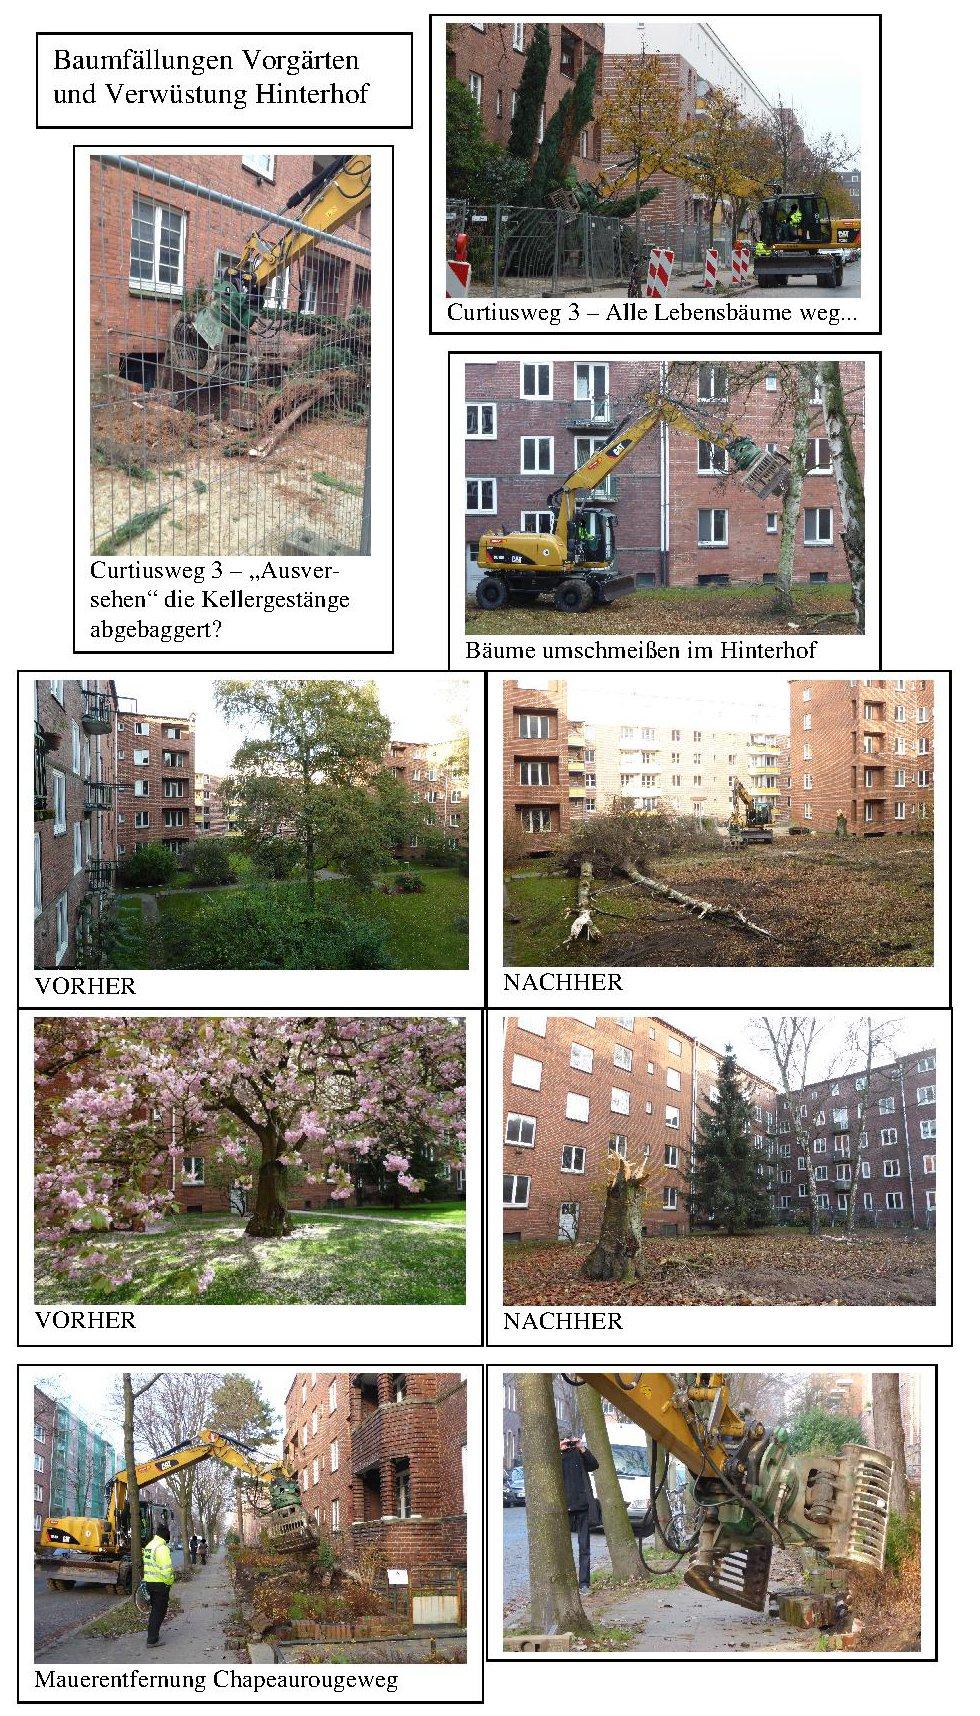 Foto Doku Baggerbäumemauern 1.12.14 kl